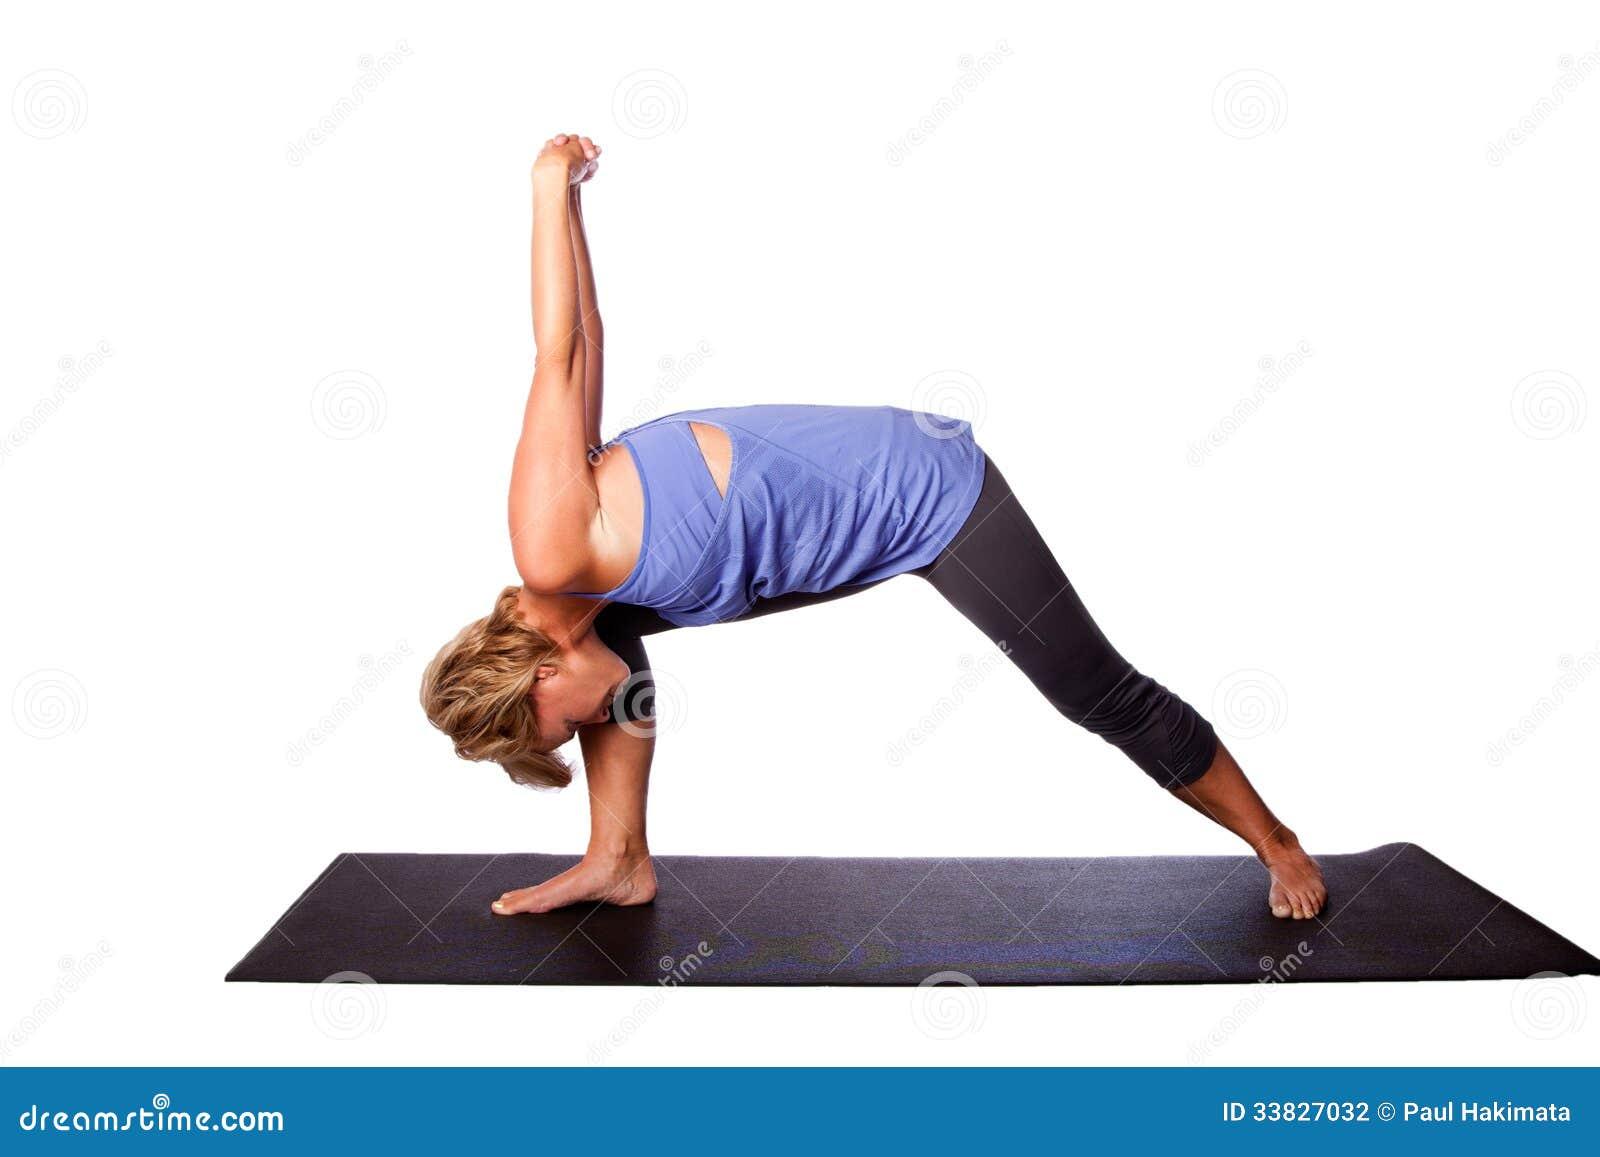 Yoga Meditation Pose Yoga Exercise F...